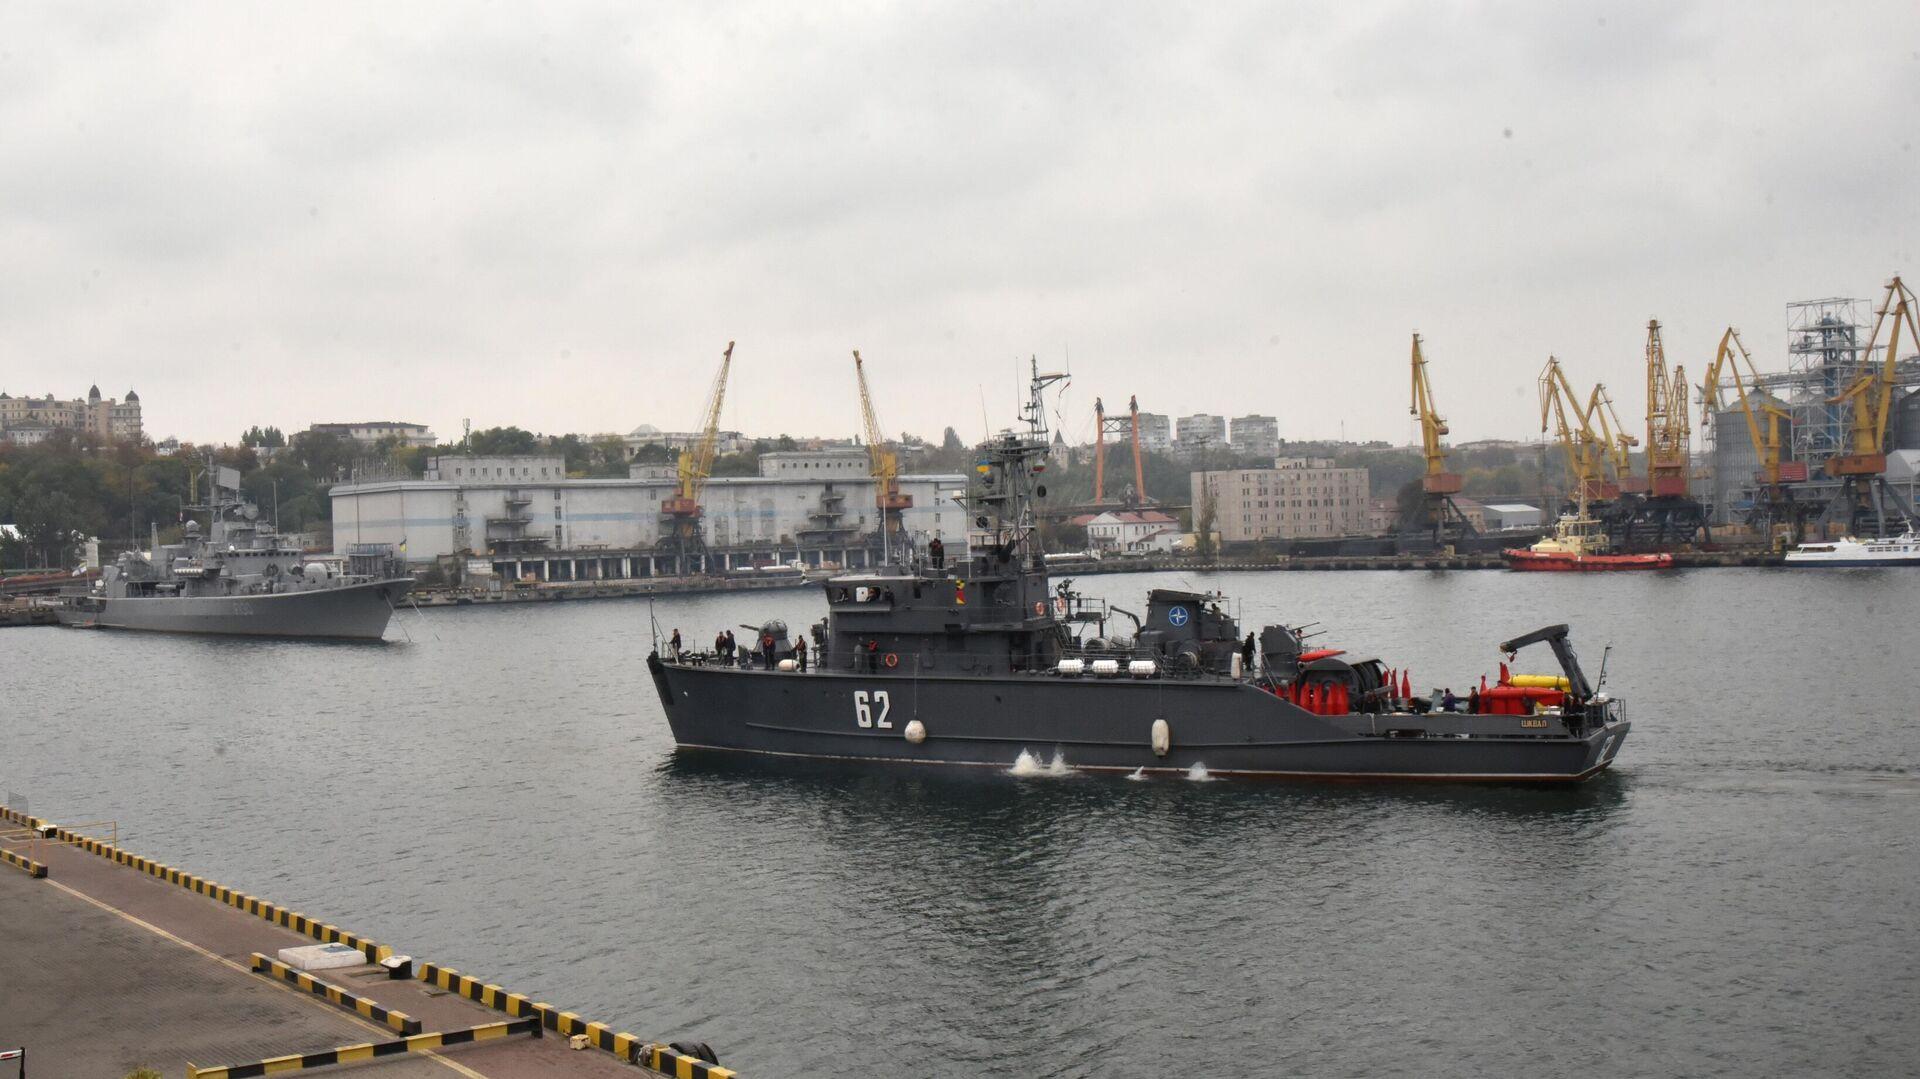 Один из четырех противоминных кораблей НАТО входит в порт Одессы - РИА Новости, 1920, 23.05.2021